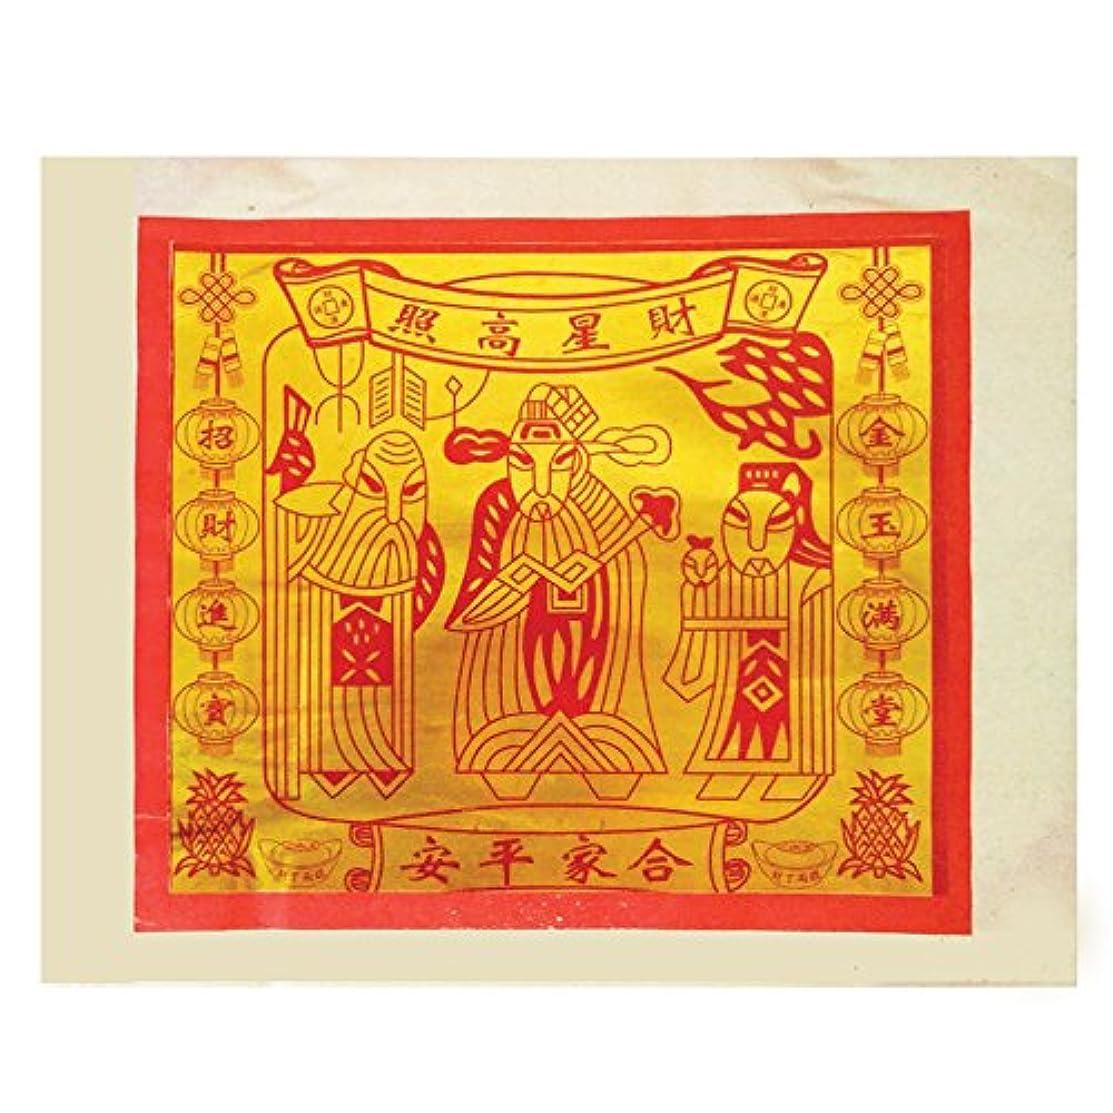 ジュニアパスタキネマティクス80pcs Incense用紙/ Joss用紙with Gold Foil ( Mediumサイズ) 10.6インチx 10.4インチ